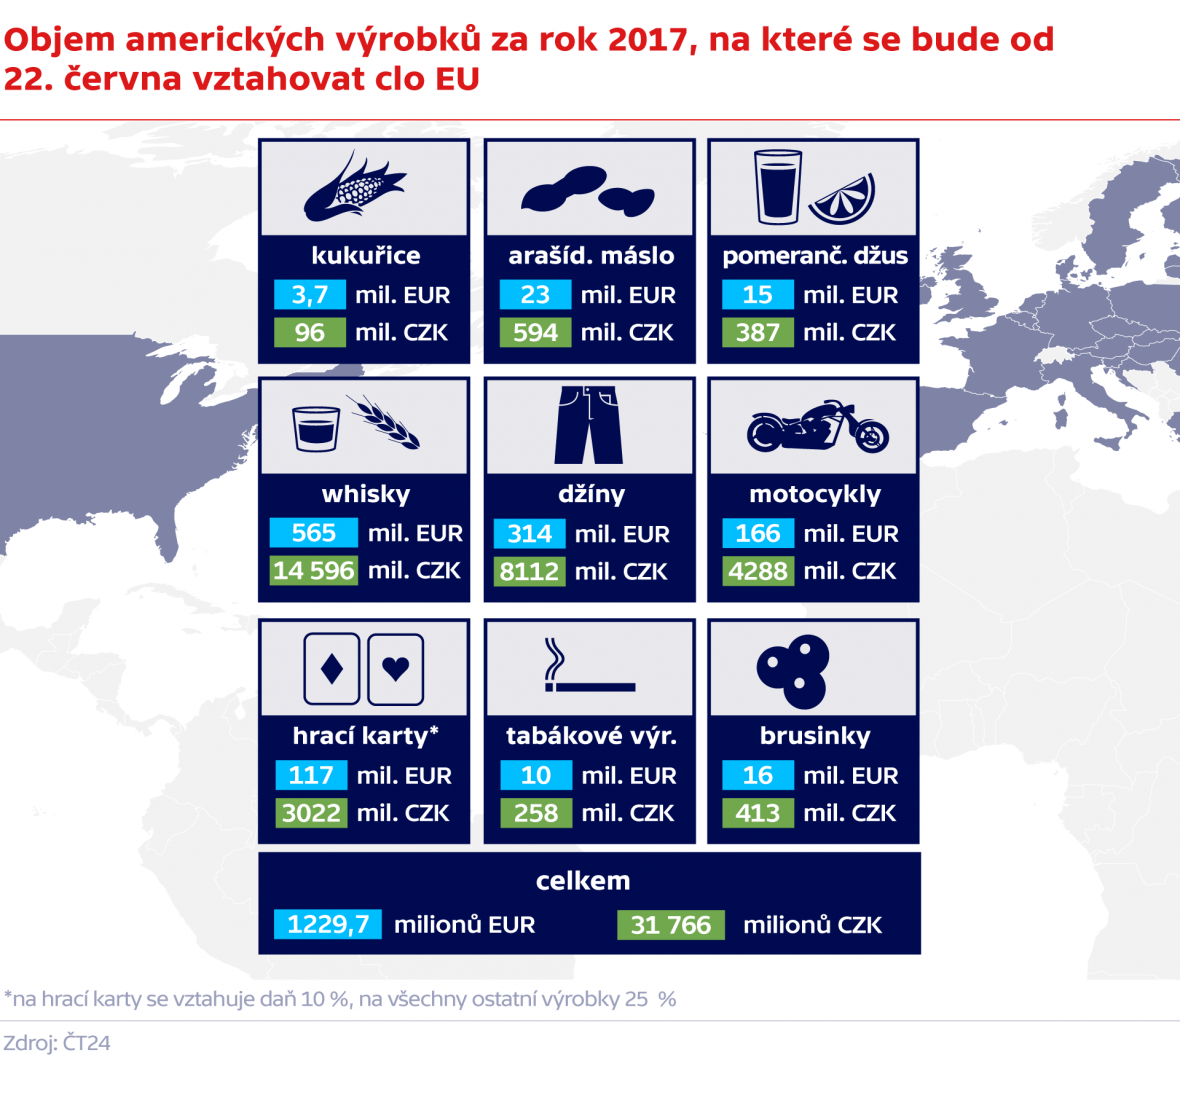 Objem amerických výrobků za rok 2017, na které se bude od 22. června vztahovat clo EU